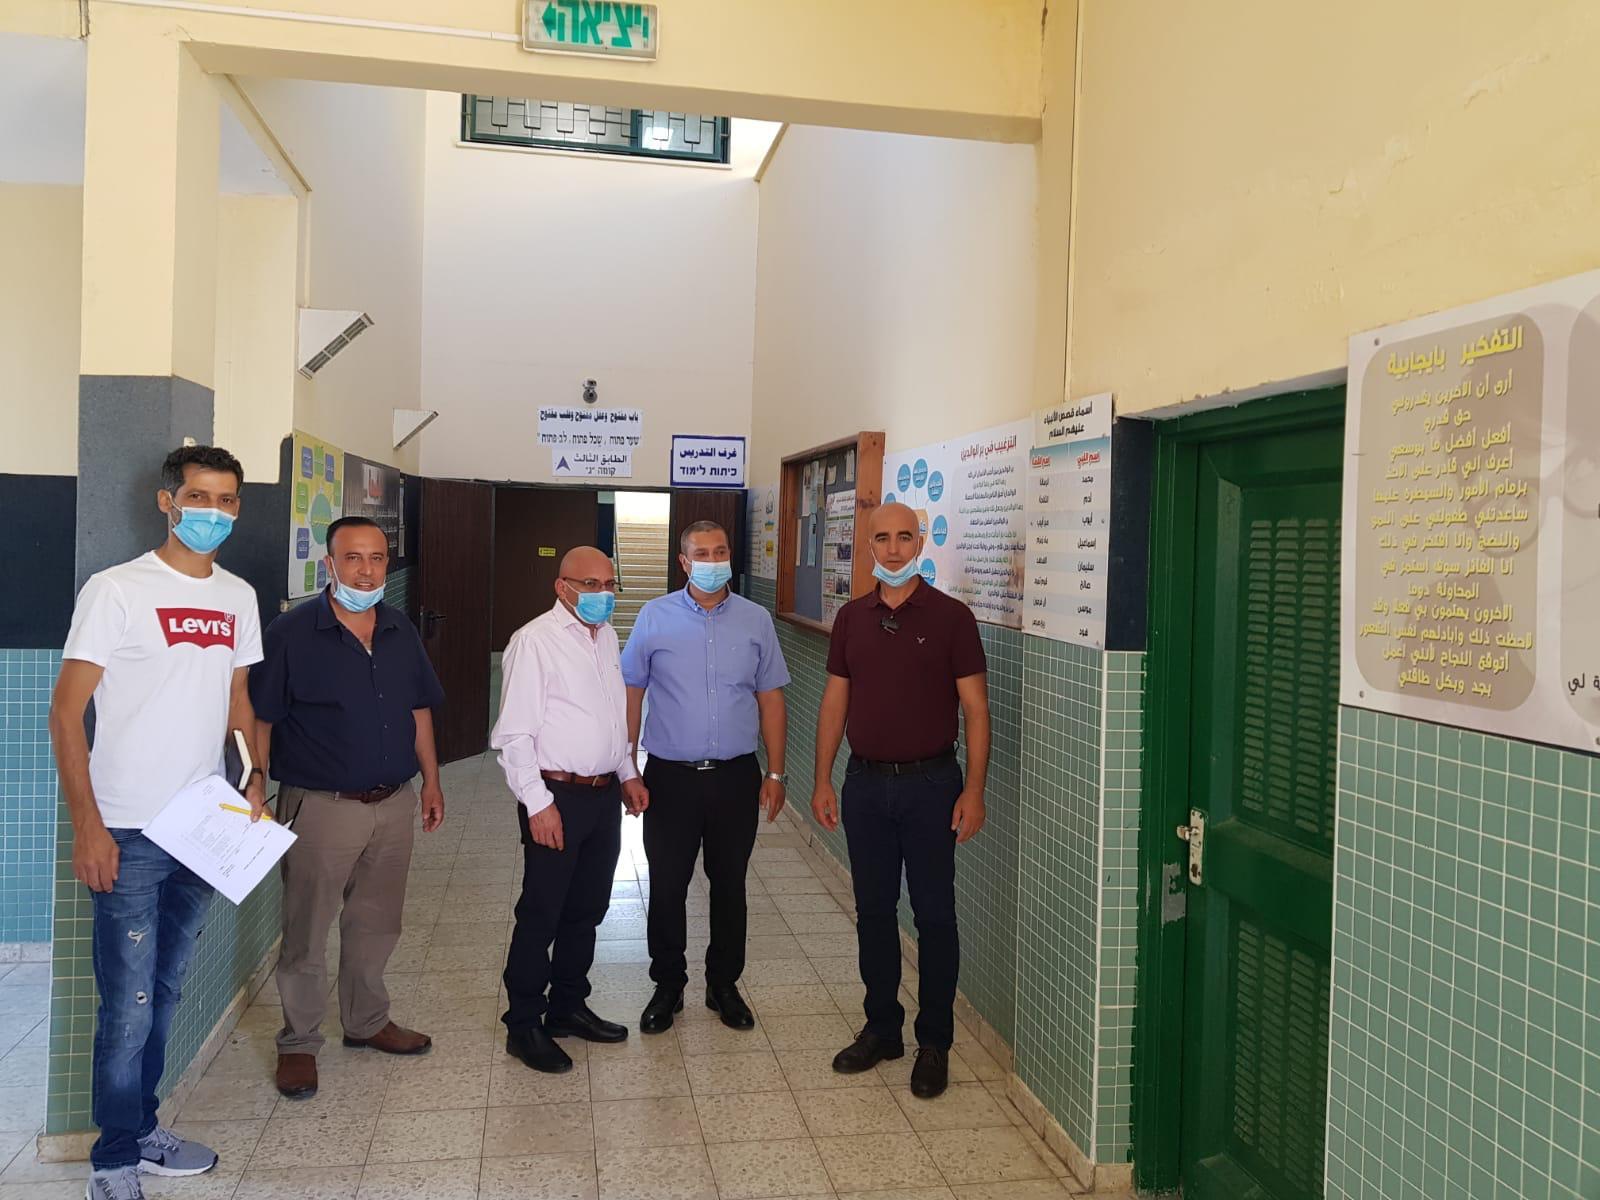 رئيس المجلس المحلي السيد محمود جبارين في زيارة لمدارس طلعة عارة